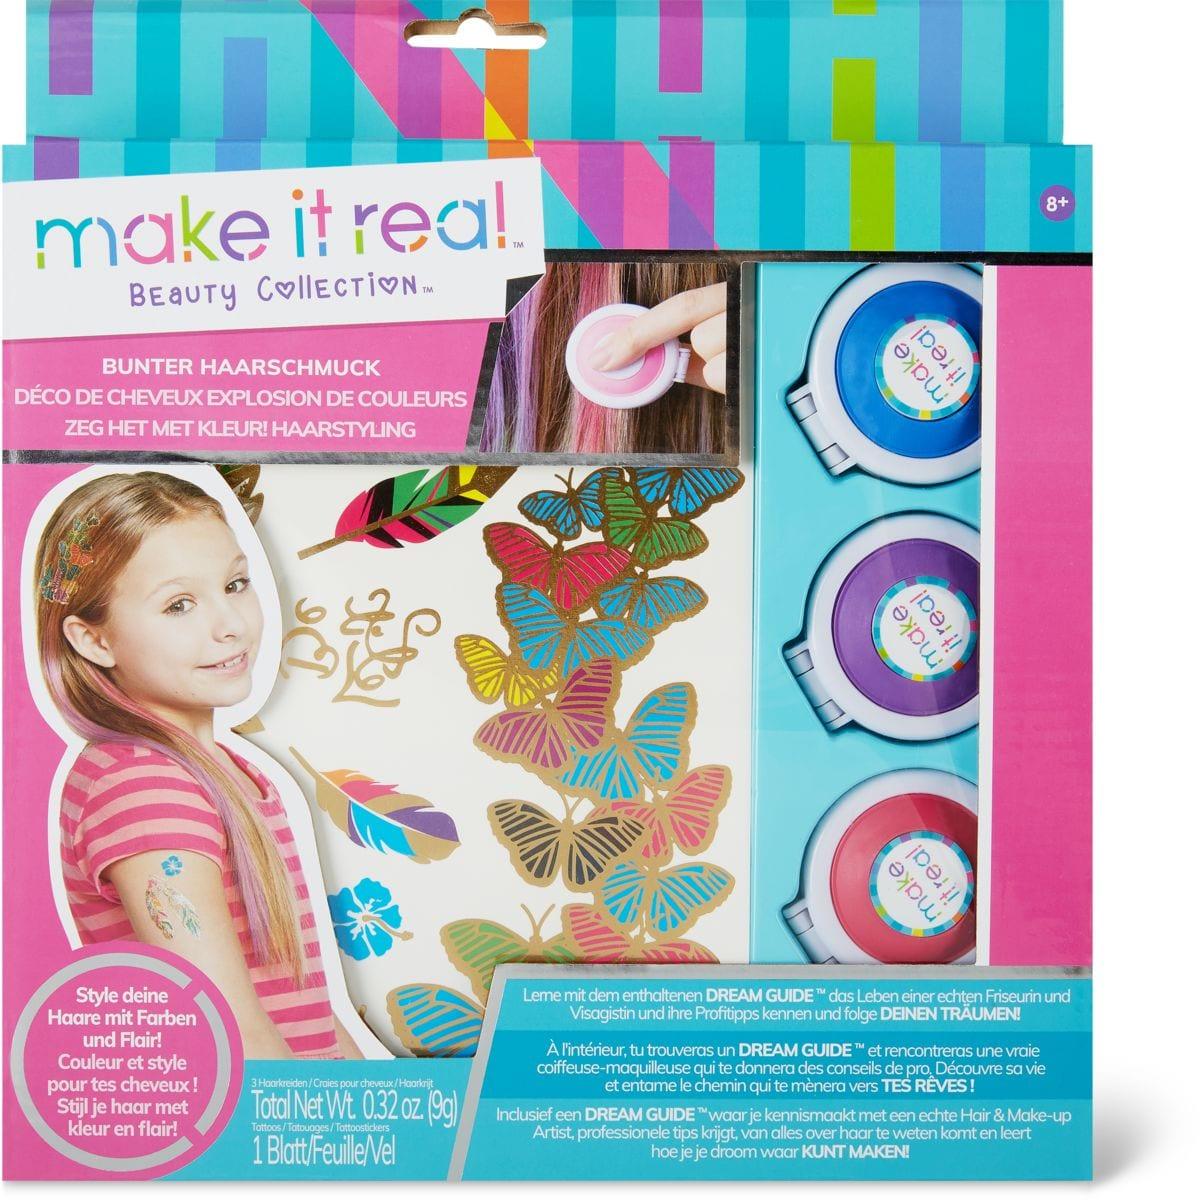 Make it real Color Burst Hair Deco Make Up